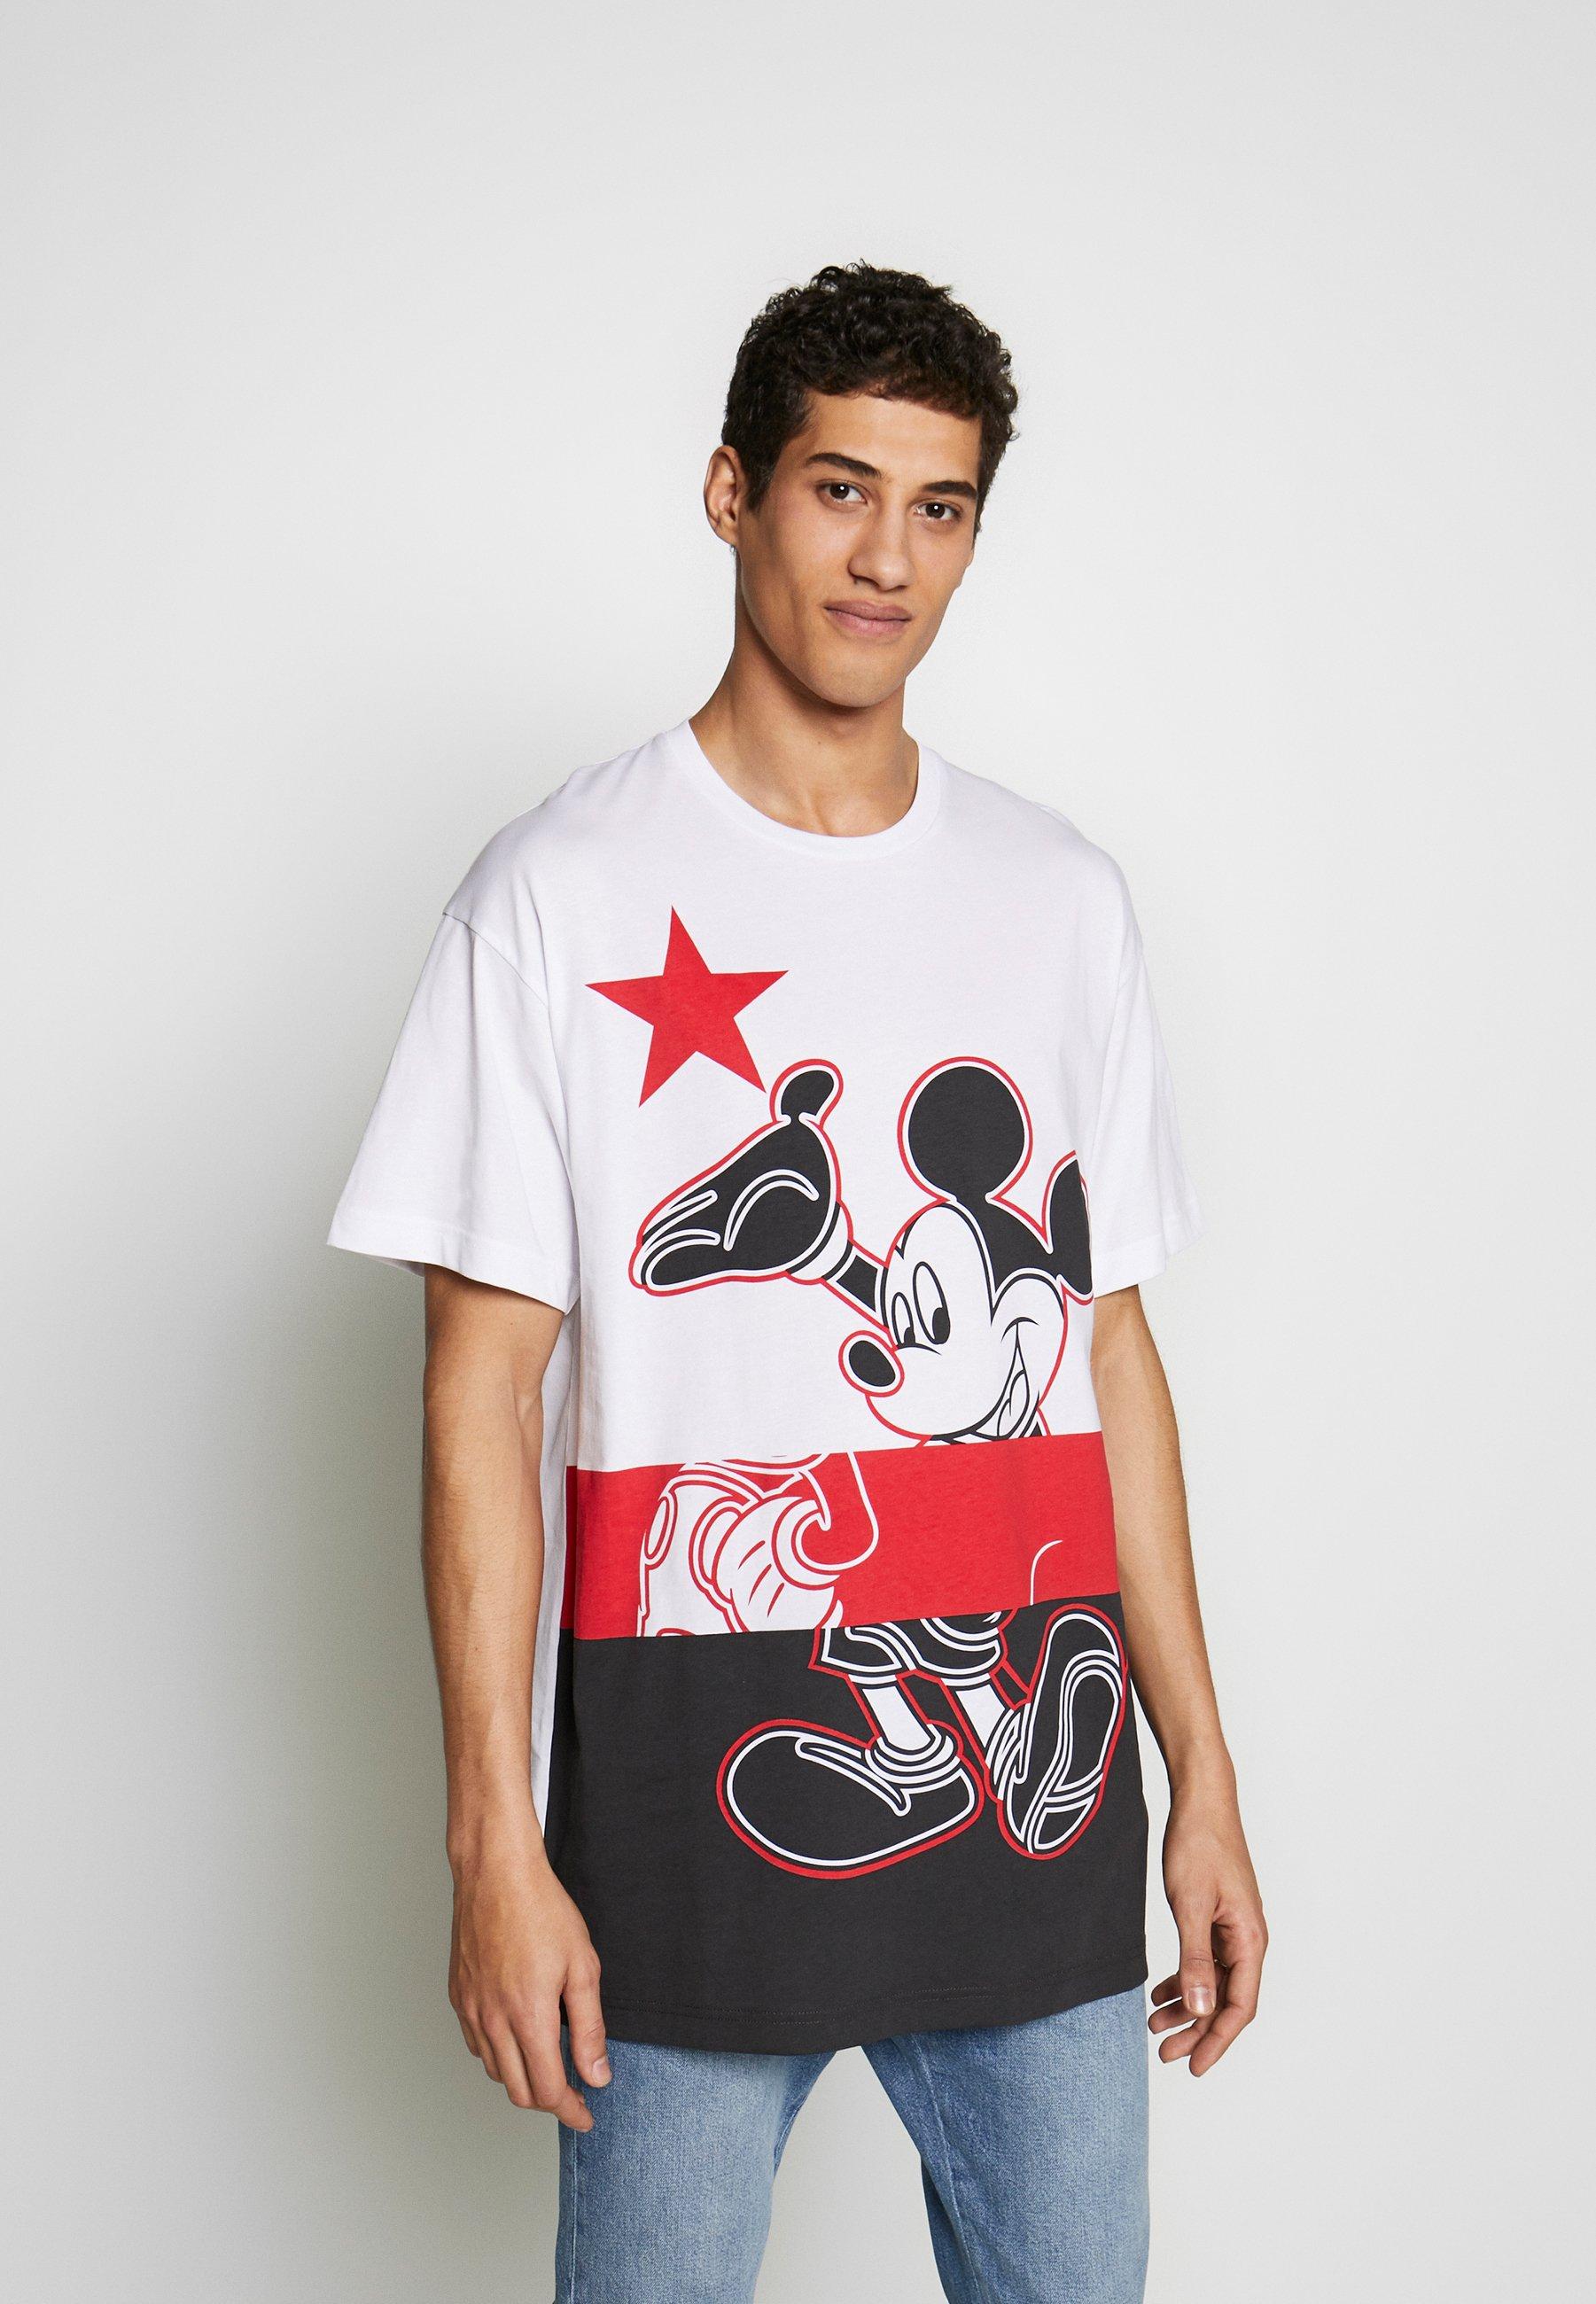 Zakup Gorąca wyprzedaż Iceberg MICKEY MOUSE - T-shirt z nadrukiem - bianco ottico | Odzież męska 2020 wcet7